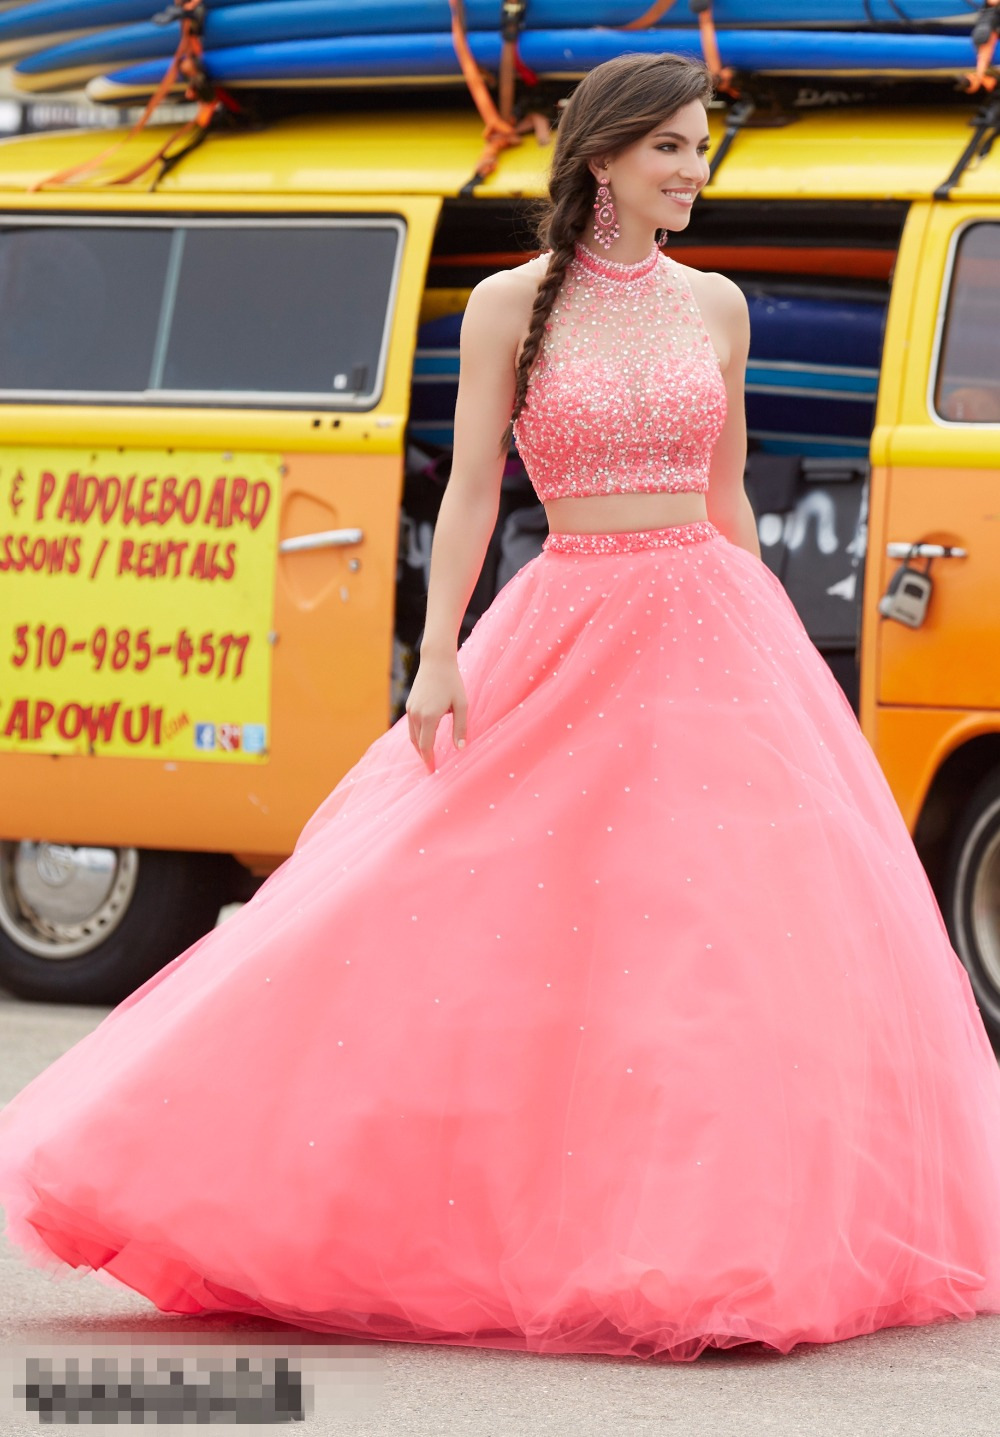 Encantador Vestidos De Dama Asequibles Menores De 50 Años Patrón ...